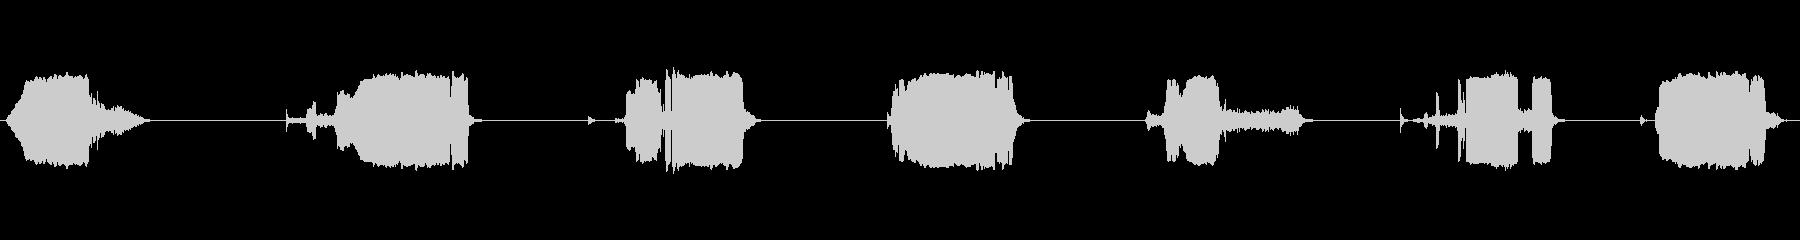 フェルトチップマーカー:ロングストロークの未再生の波形